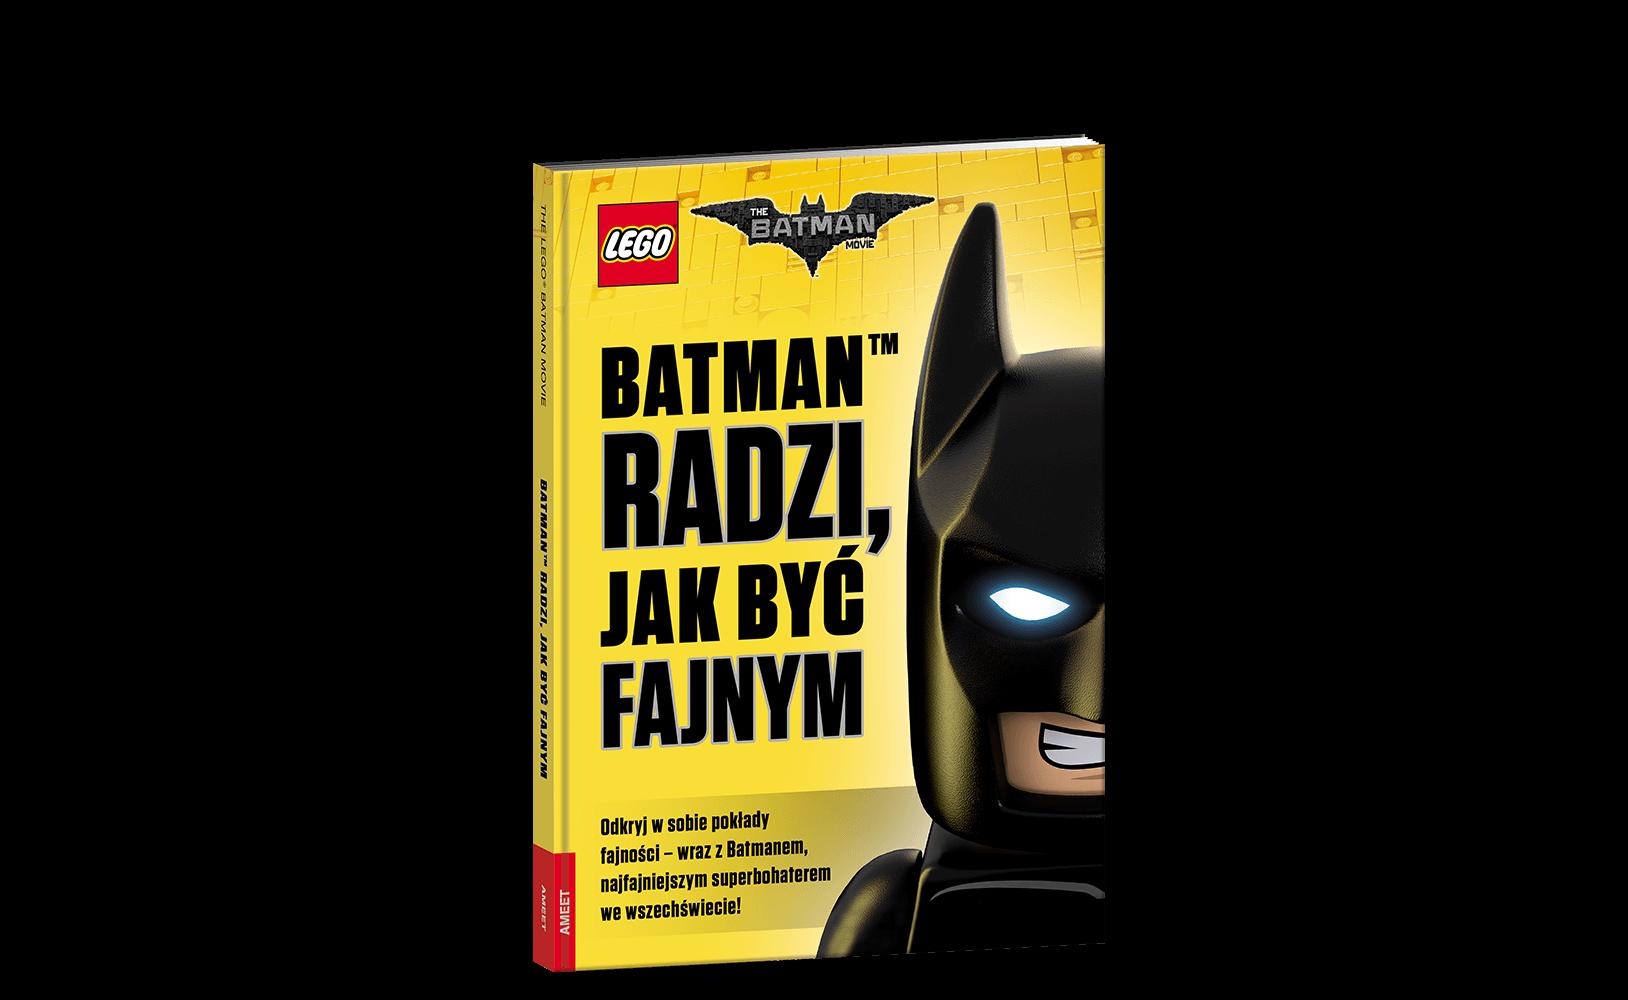 The LEGO® Batman Movie. Batman™ radzi, jak być fajnym